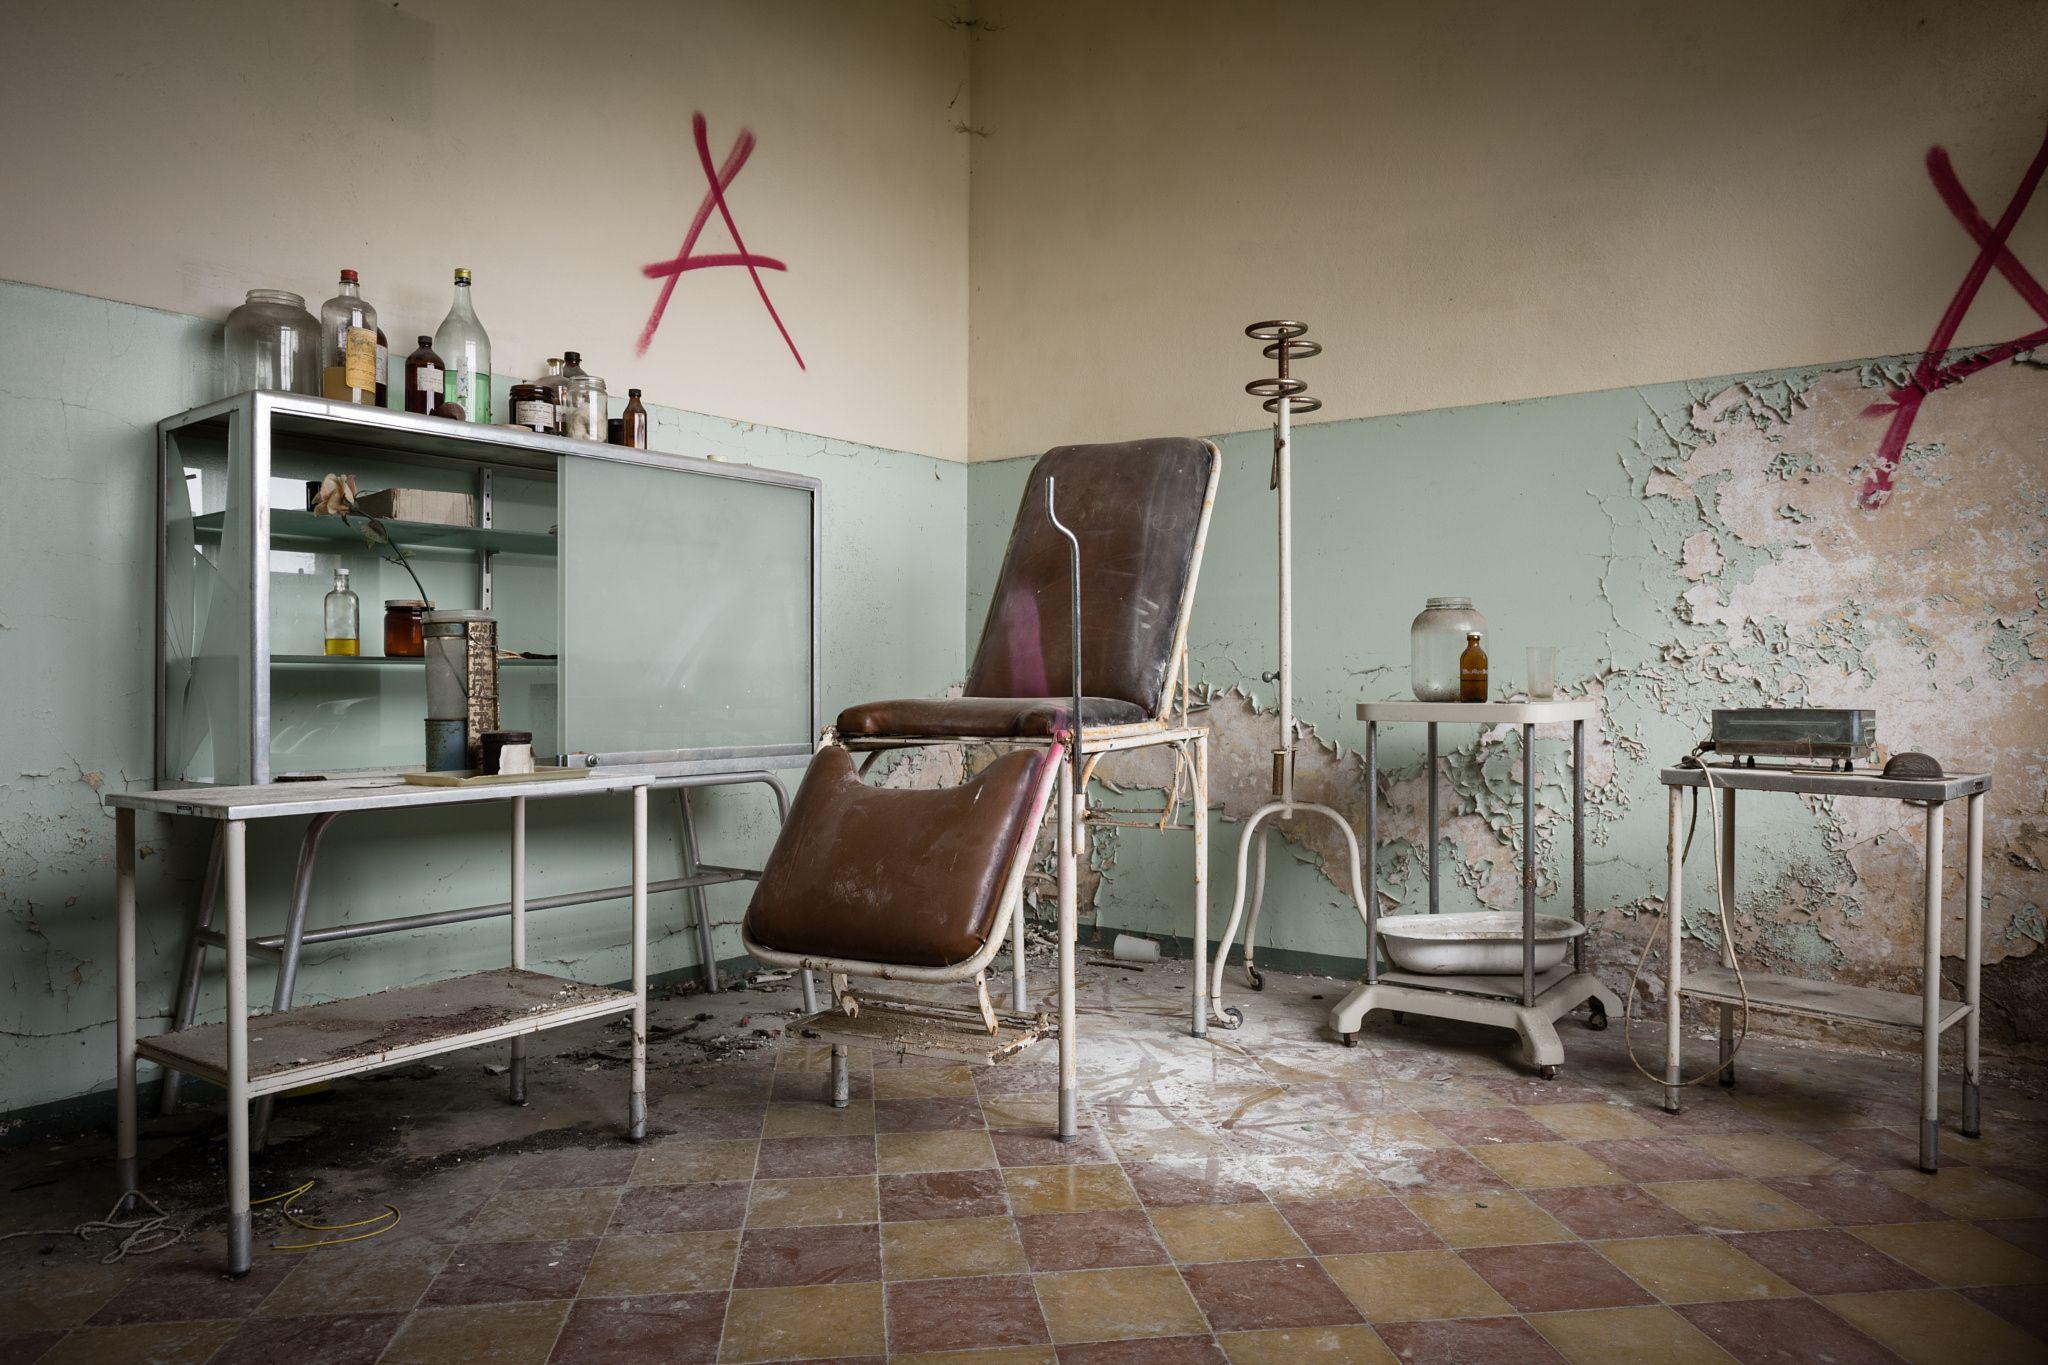 базовые психиатрические клиники в россии фото следует